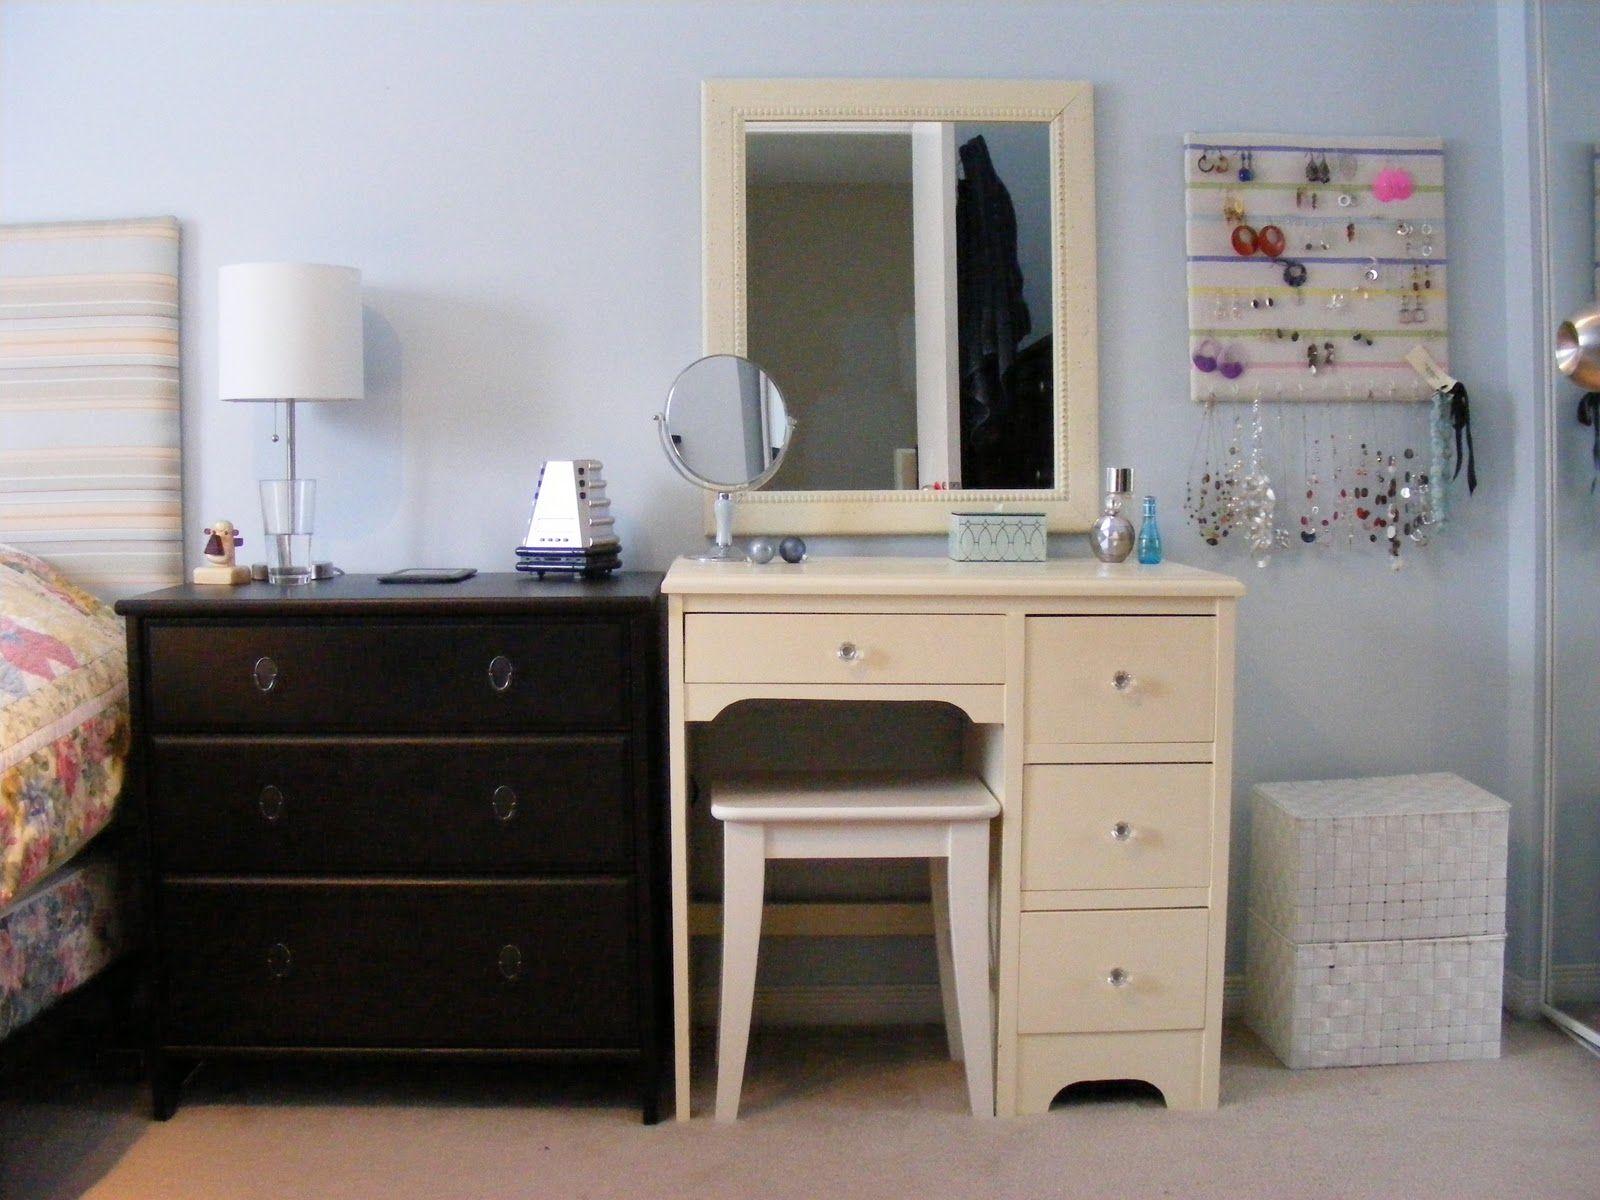 Vanity Small bedroom vanity, Bedroom vanity set, Bedroom